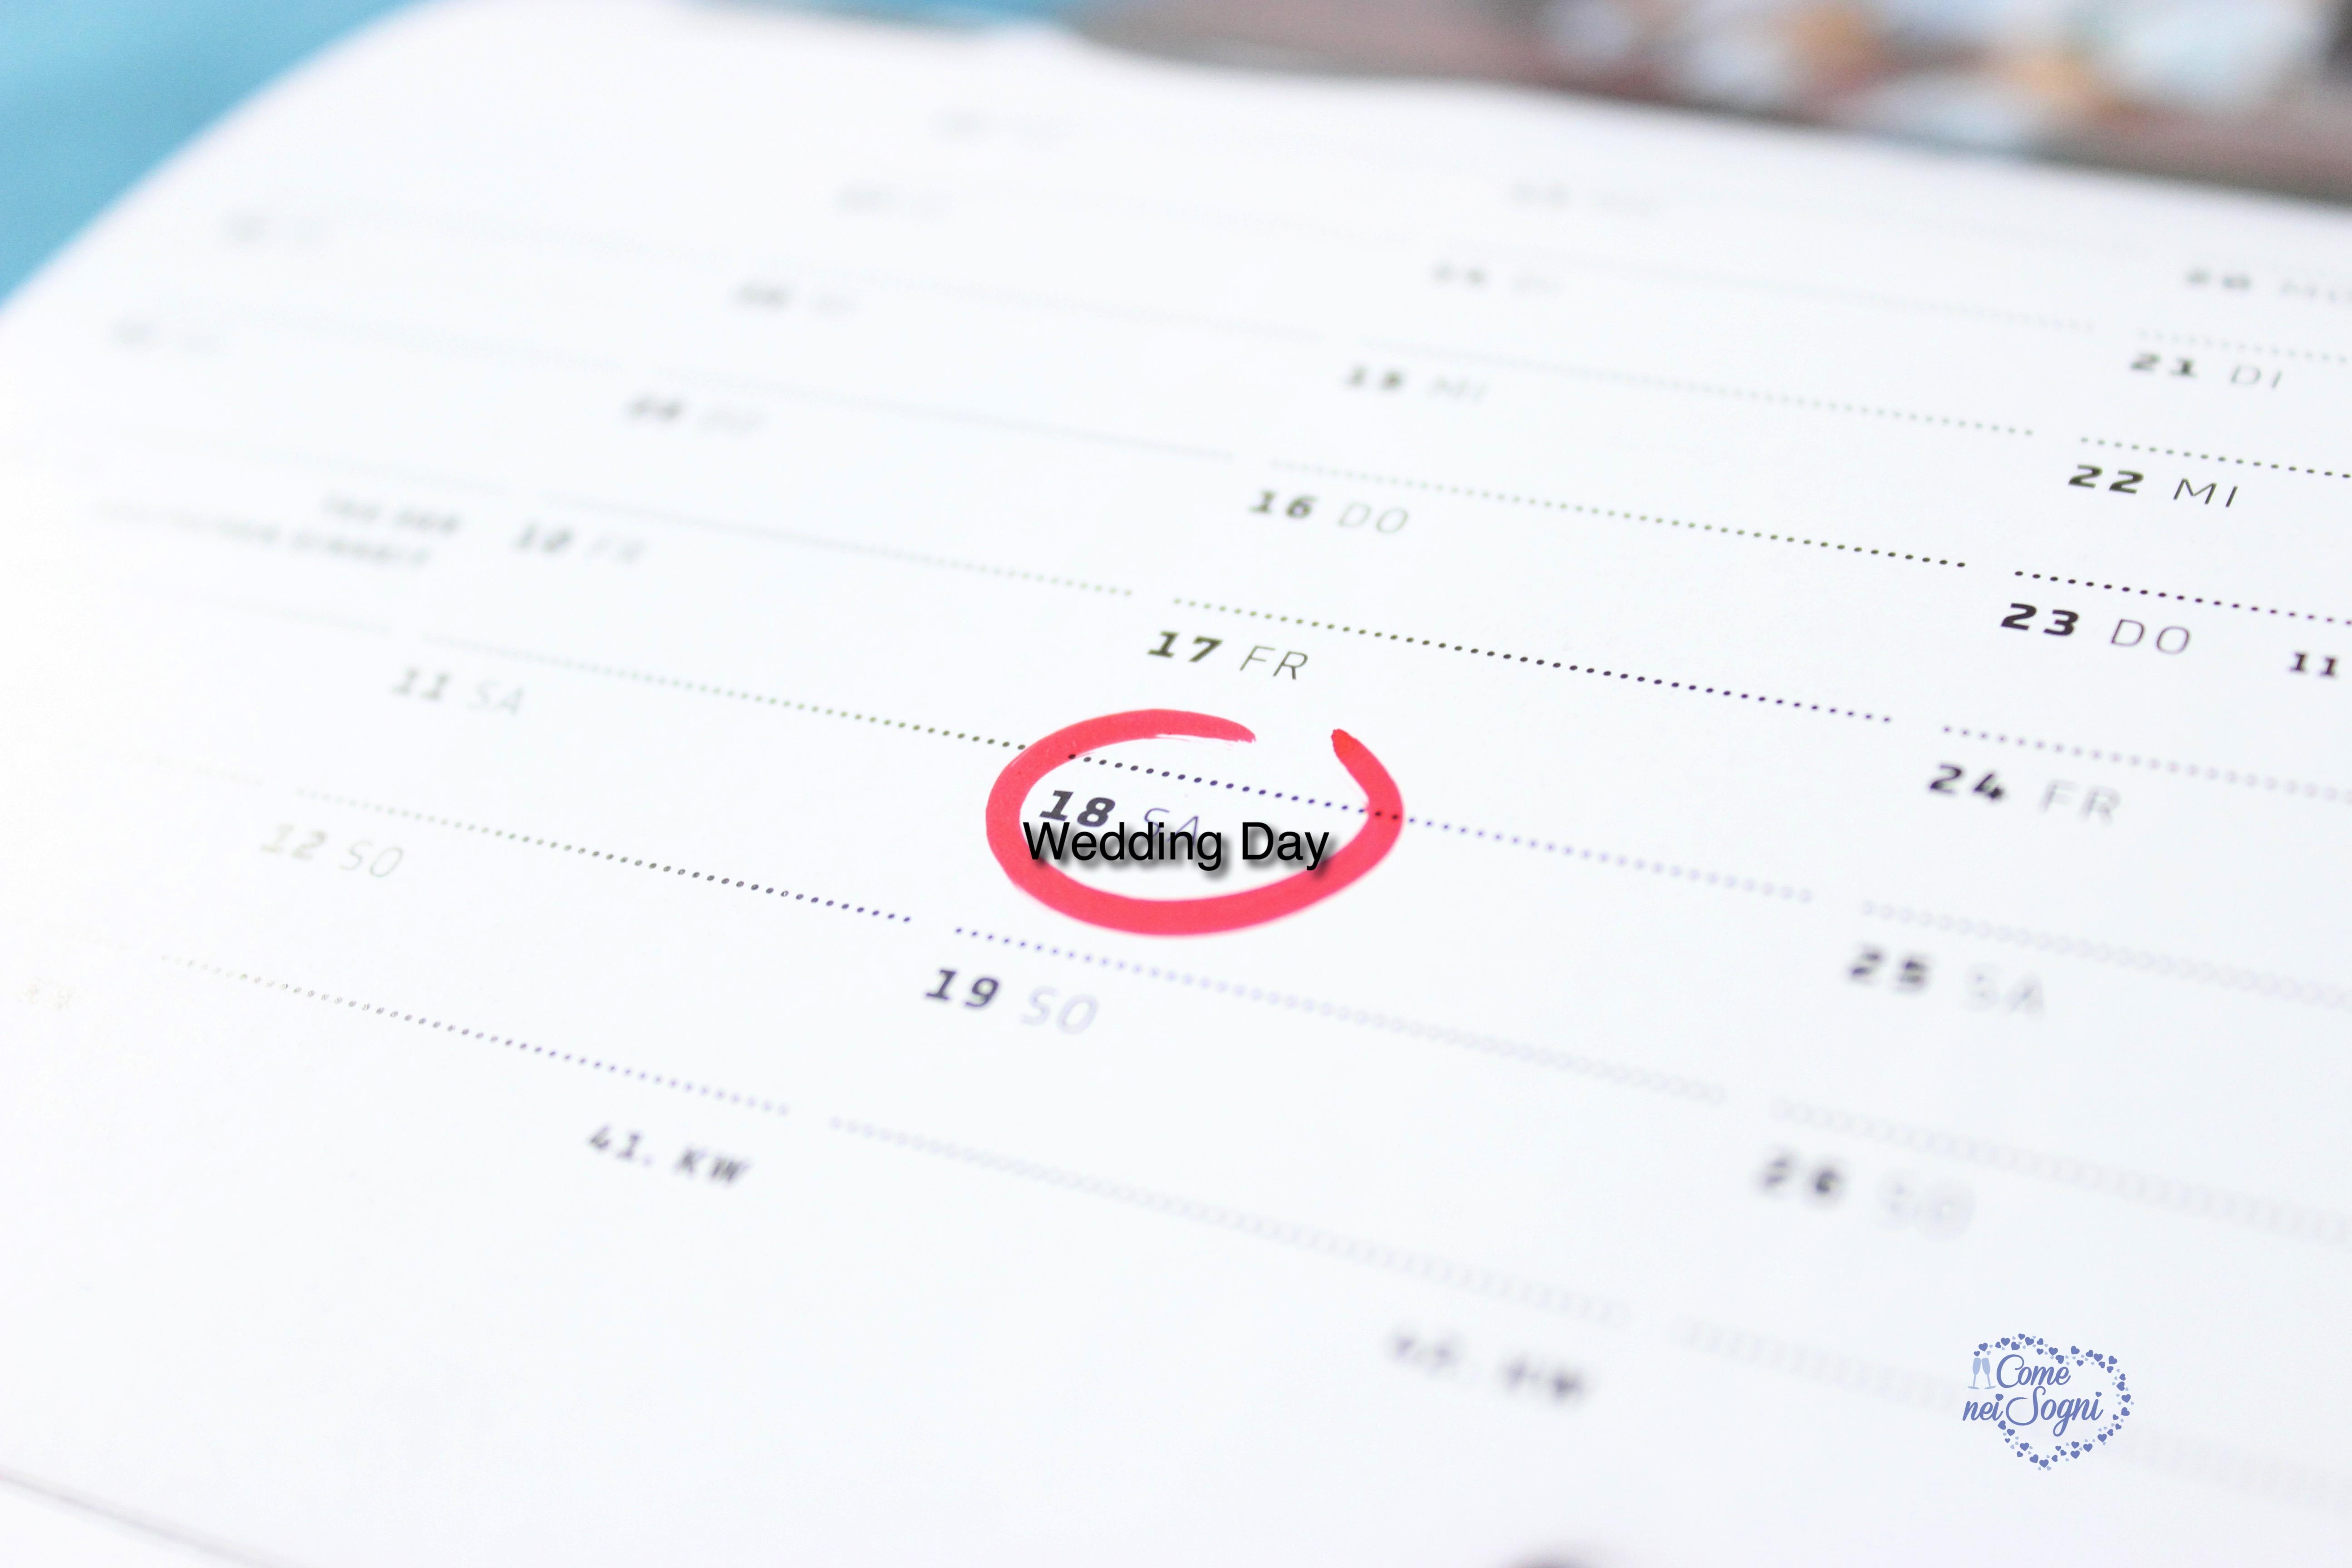 Scegliere la data del matrimonio